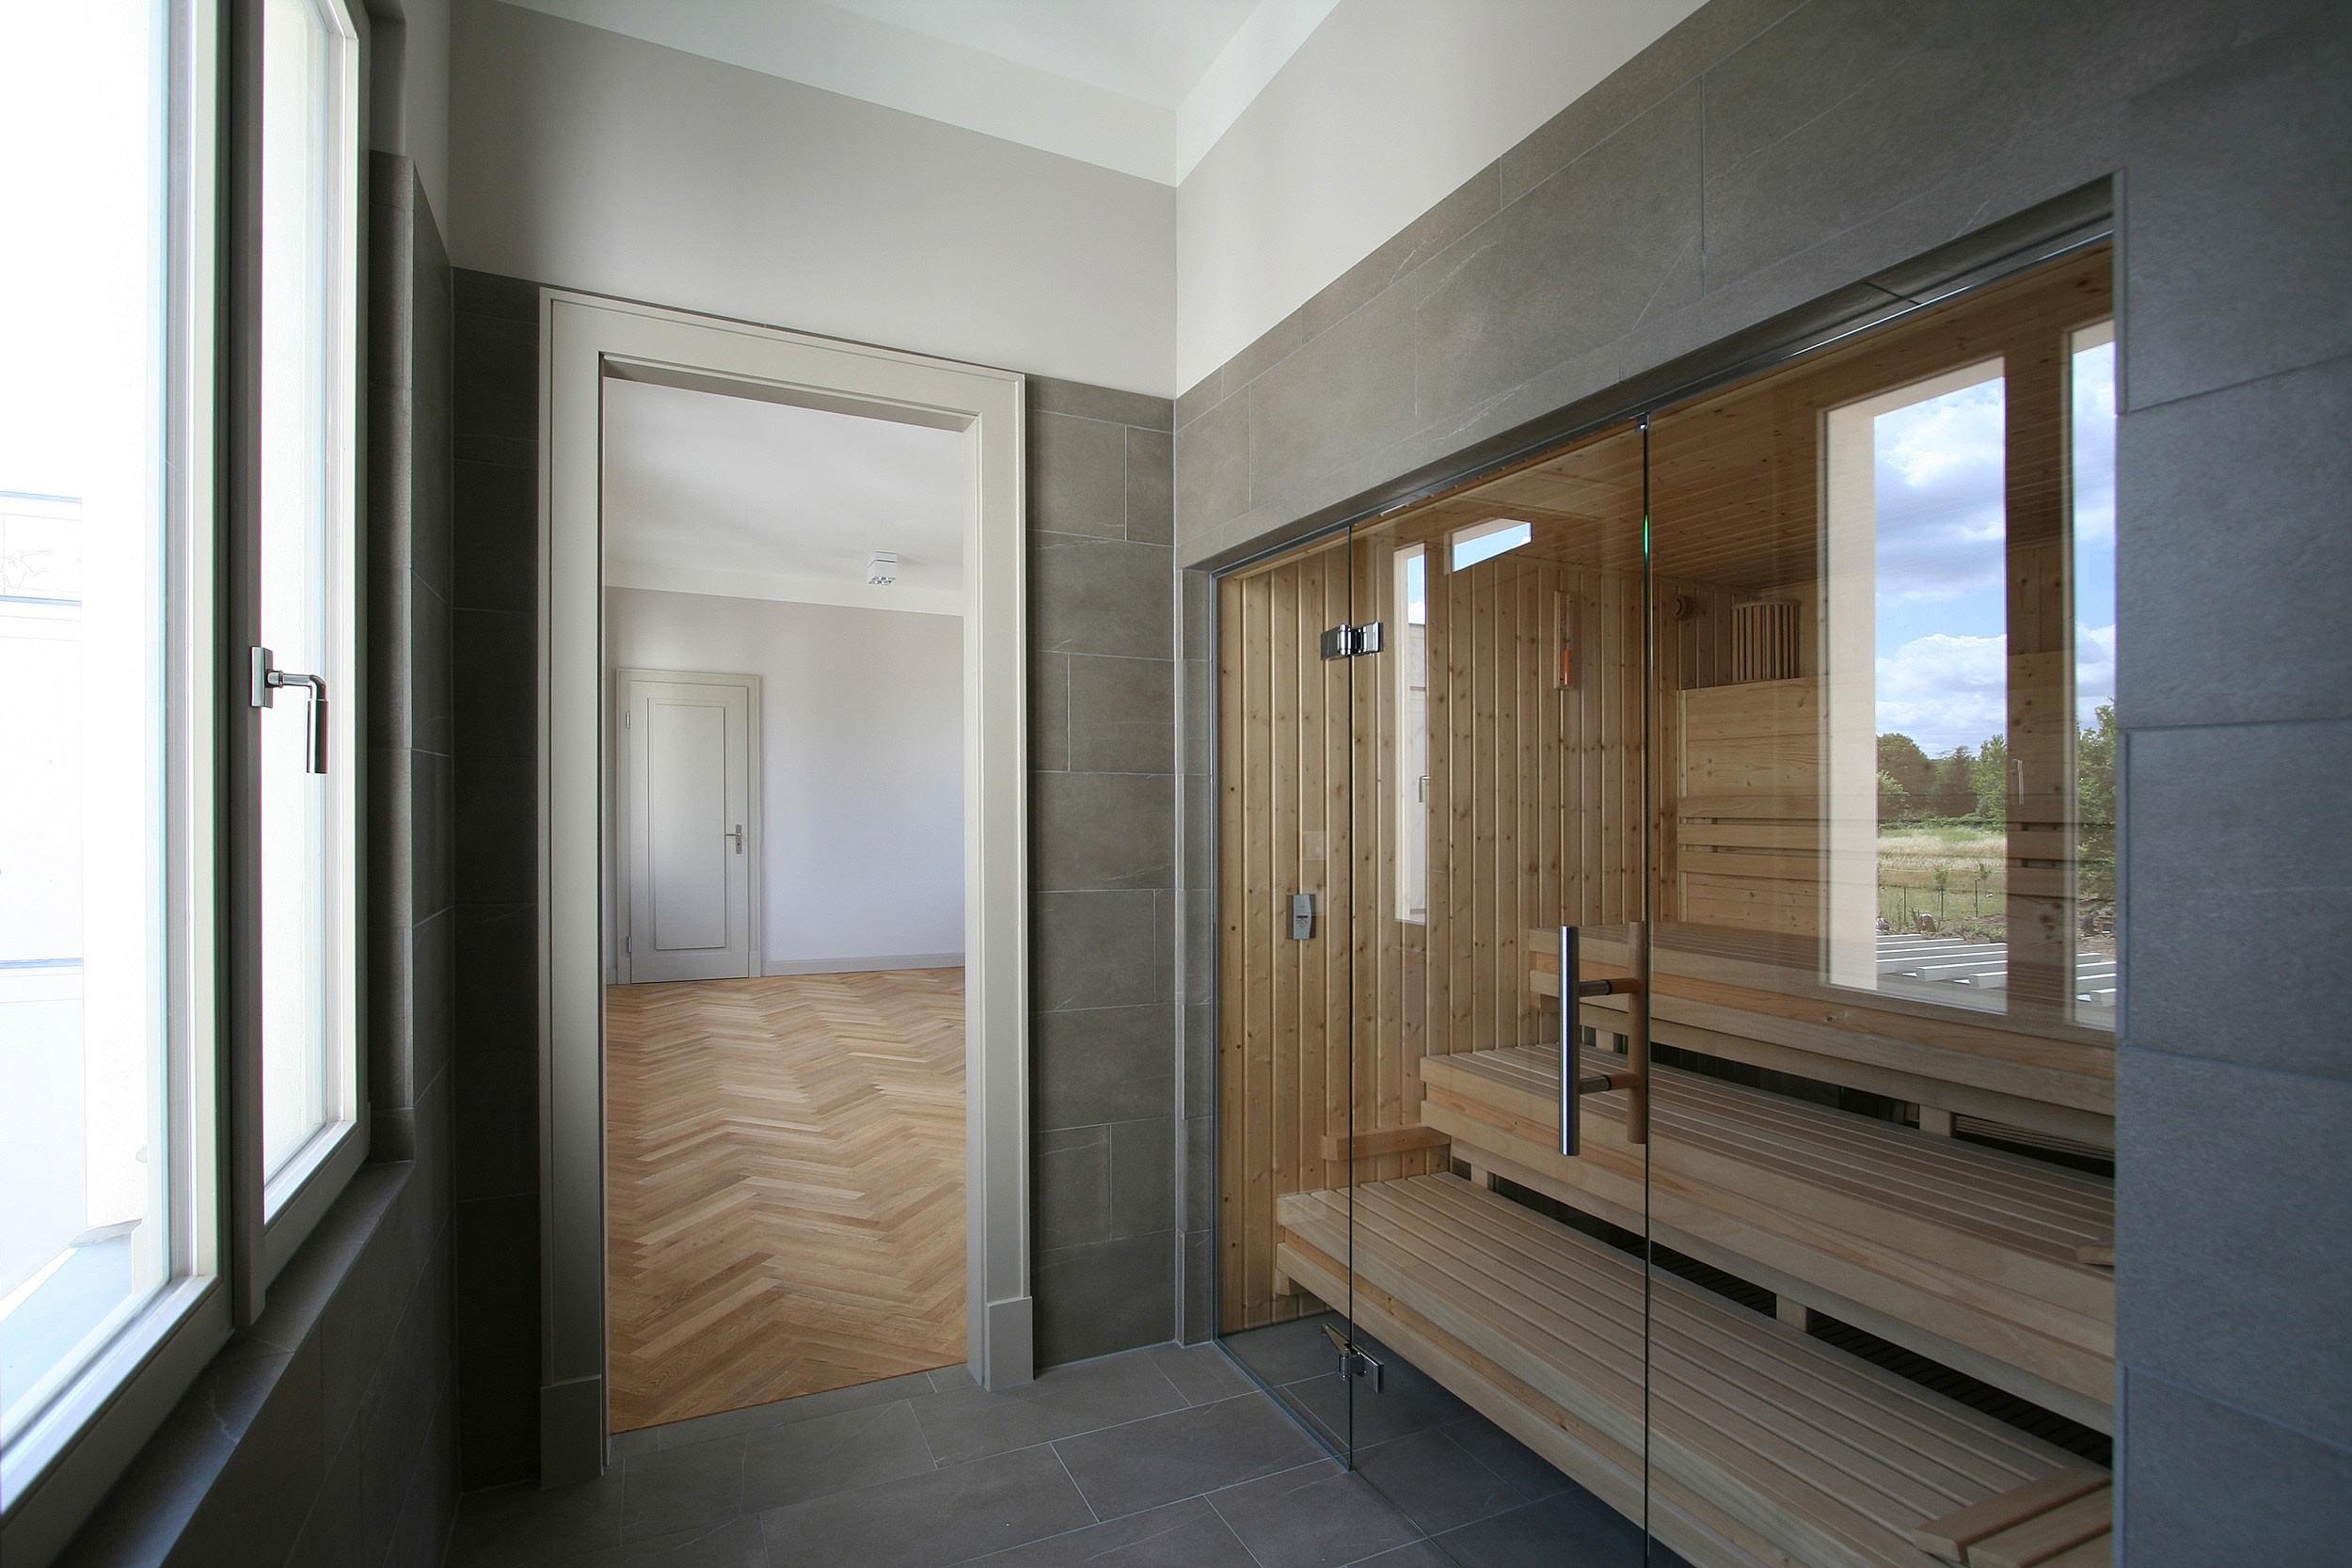 KLASSIK UND TRADITION - Neubau klassizistische Villa - Von der Sauna aus hat man Aussicht in die Landschaft.